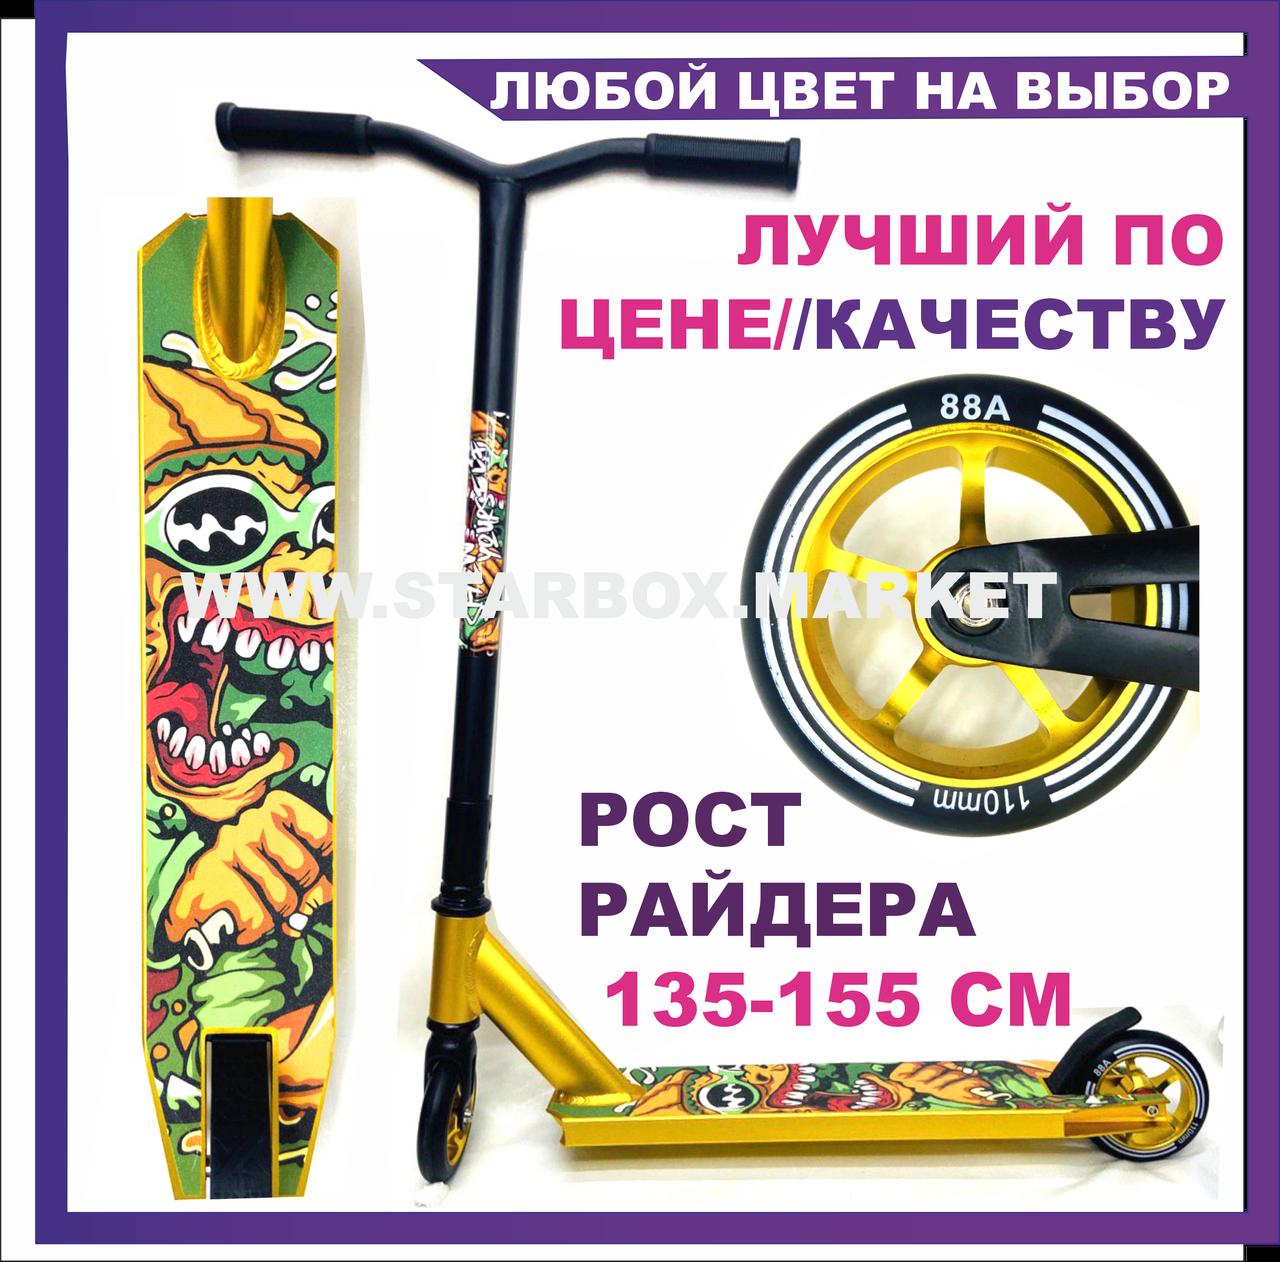 """🛴 Самокаты трюковые """"Street Hit"""" Master зеленый , алюминиевое колесо 100 мм -  для трюков!"""